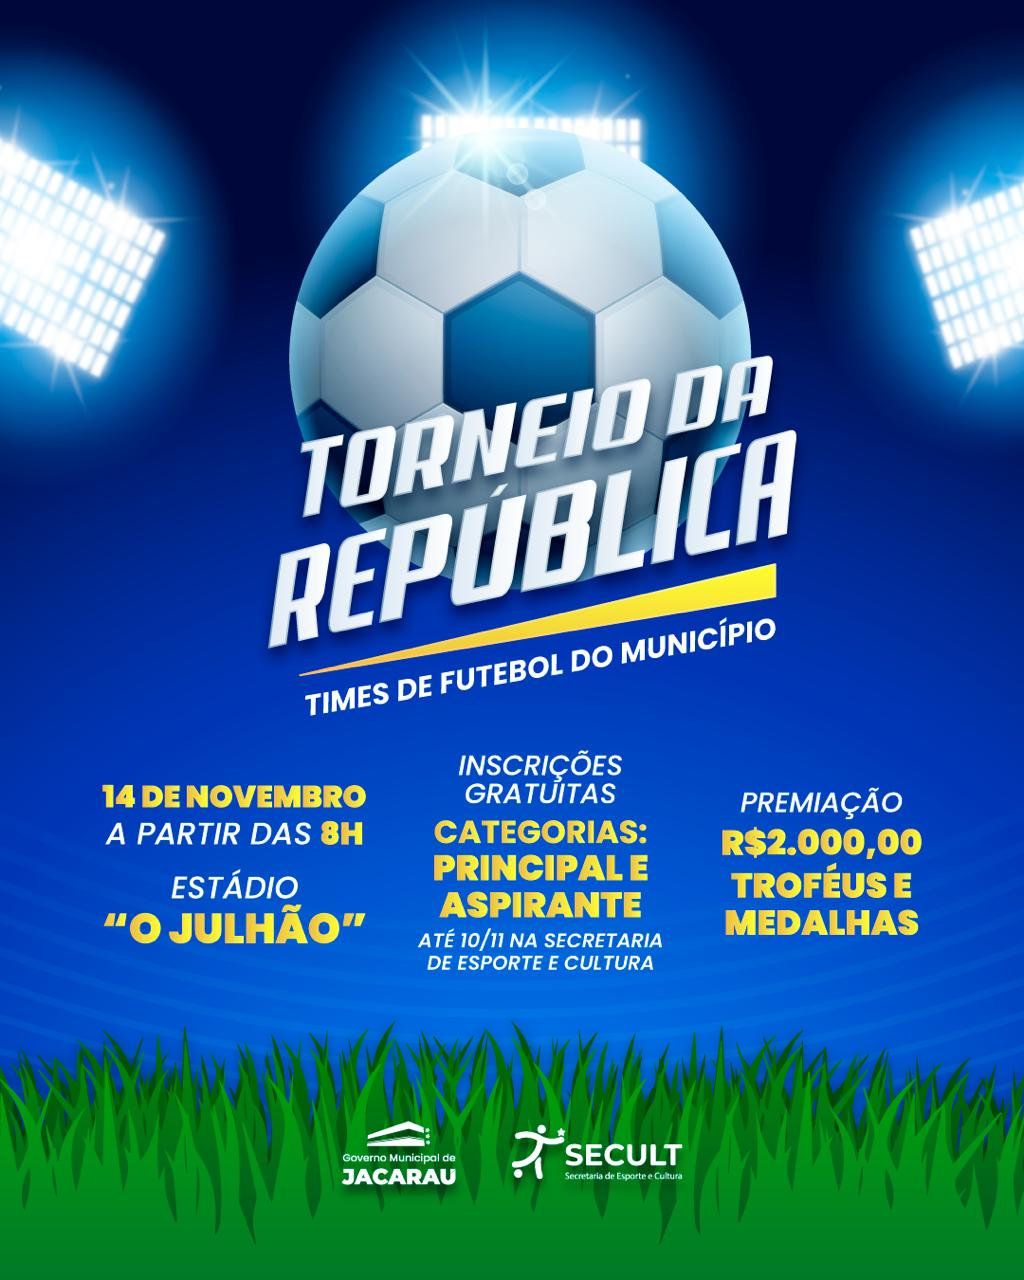 Inscrições abertas para o torneio da República.